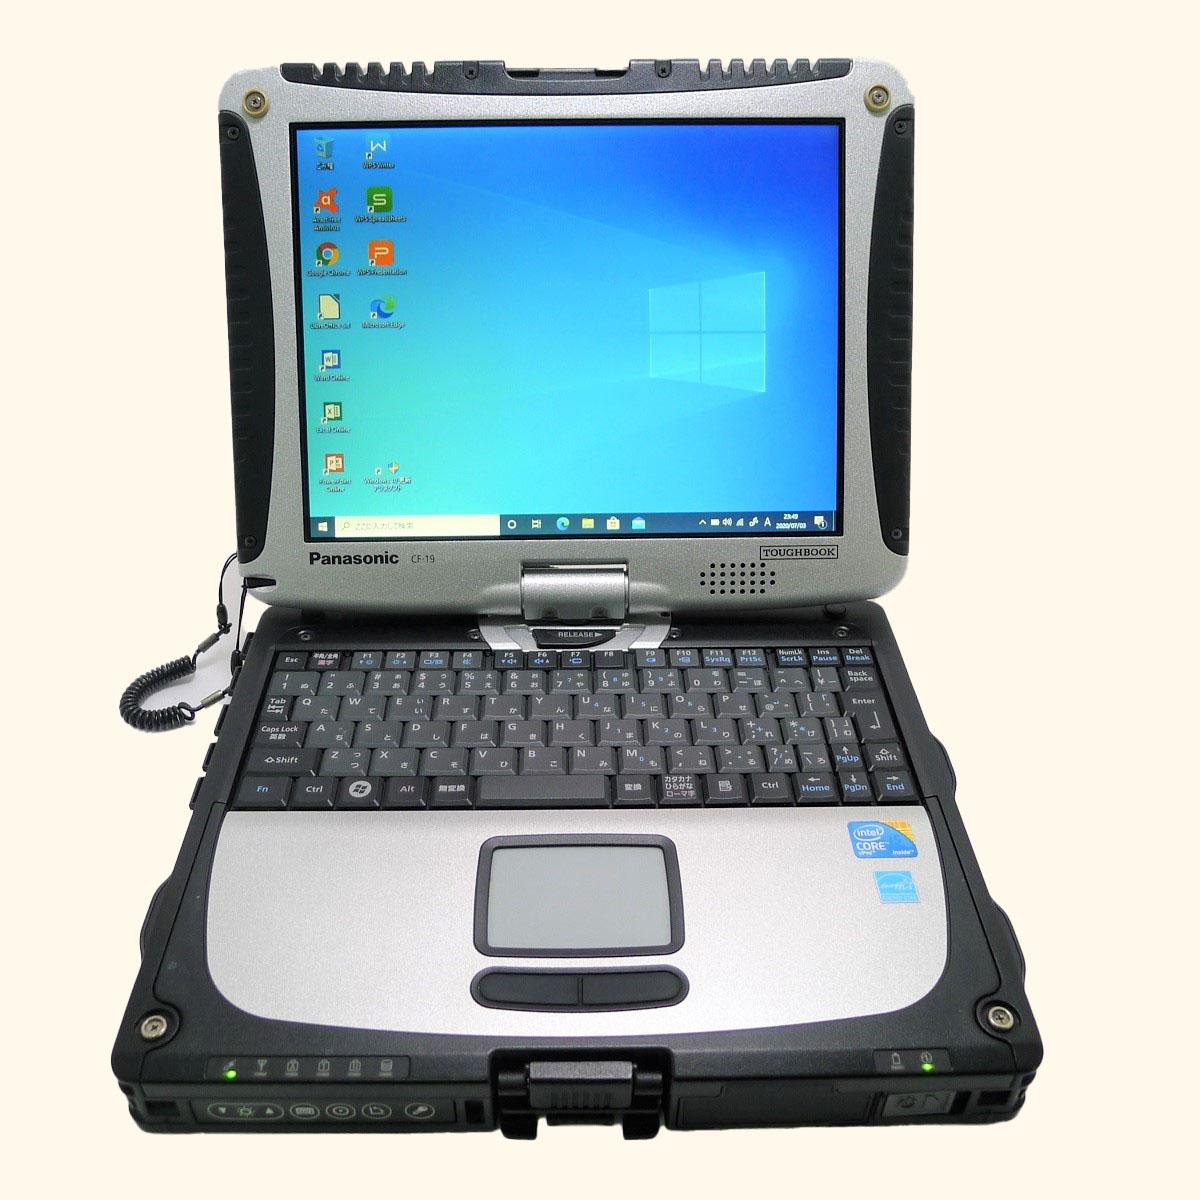 信憑 パナソニック Panasonic TOUGHBOOK CF-19RW1ADS モデル着用&注目アイテム Core i5 8GB 新品SSD2TB 無線LAN 中古 ノートパソコン 10.4インチ XGA 64bitWPSOffice 中古パソコン Windows10 タッチペンなし タッチパネル